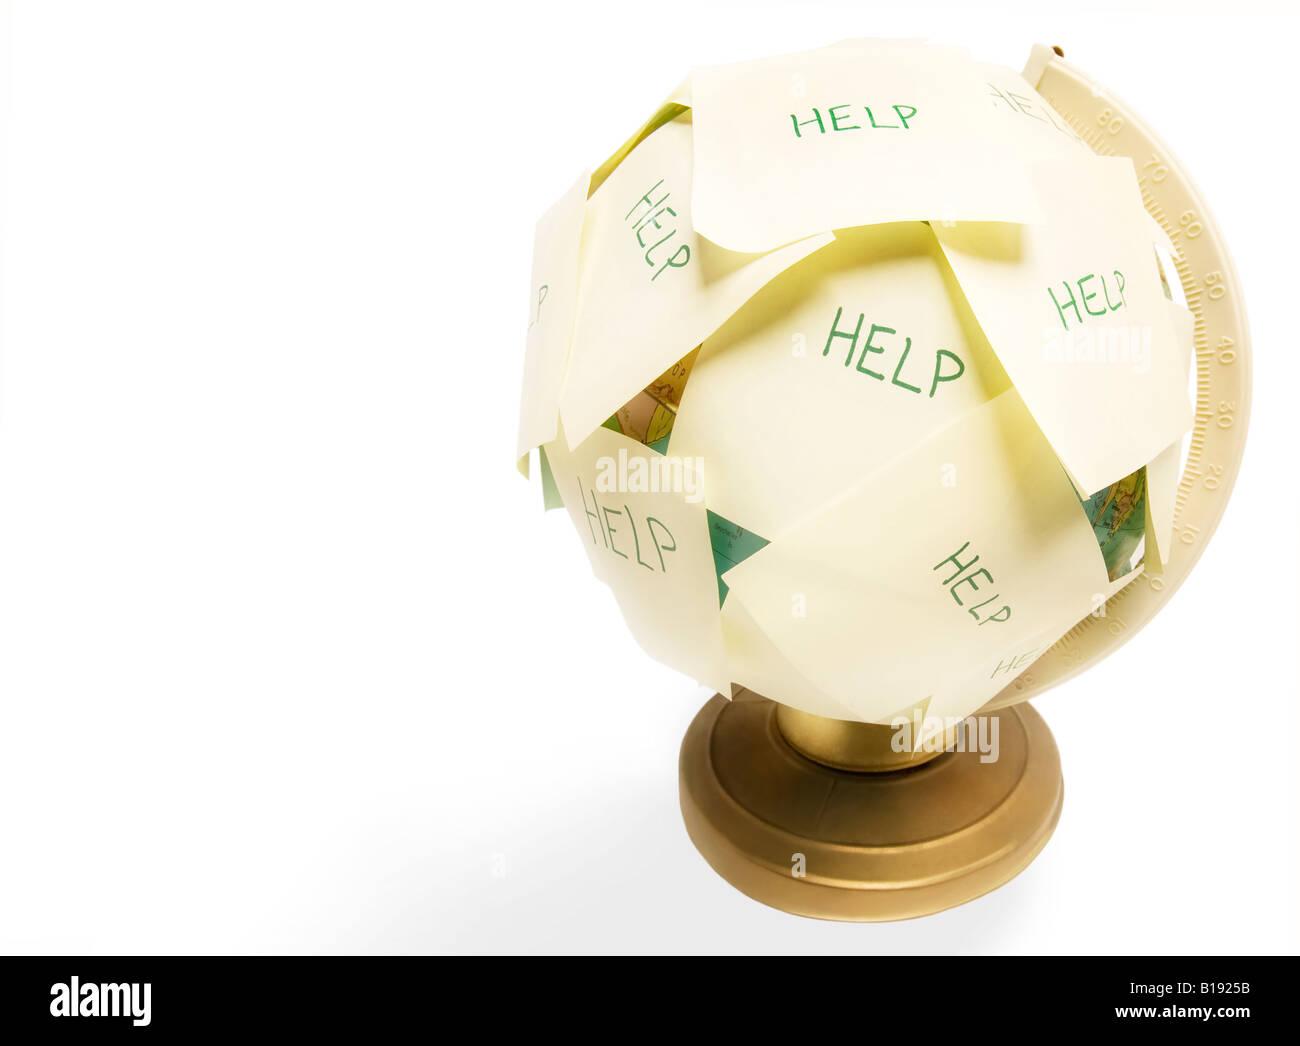 Globo che ha bisogno di aiuto Immagini Stock